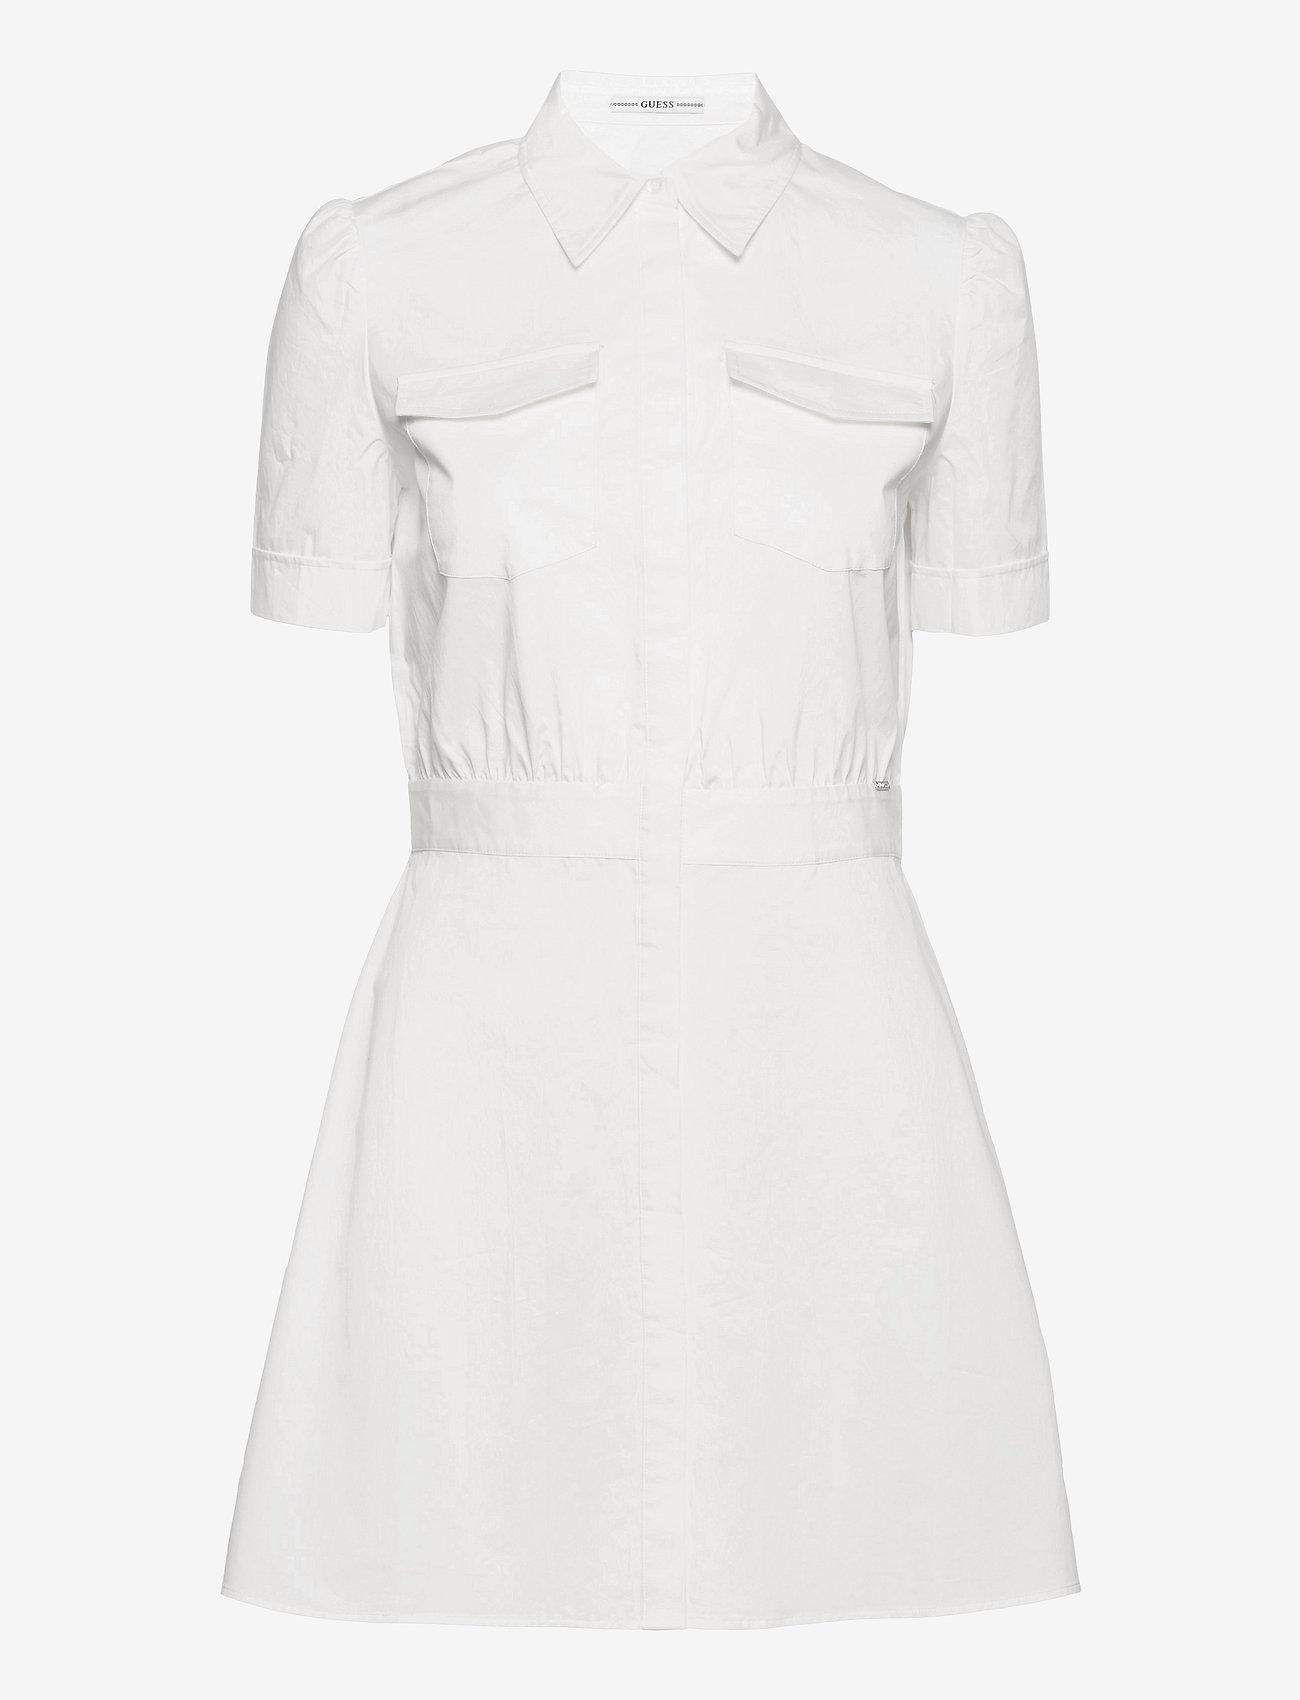 GUESS Jeans - REYNA DRESS - sommarklänningar - true white a000 - 0